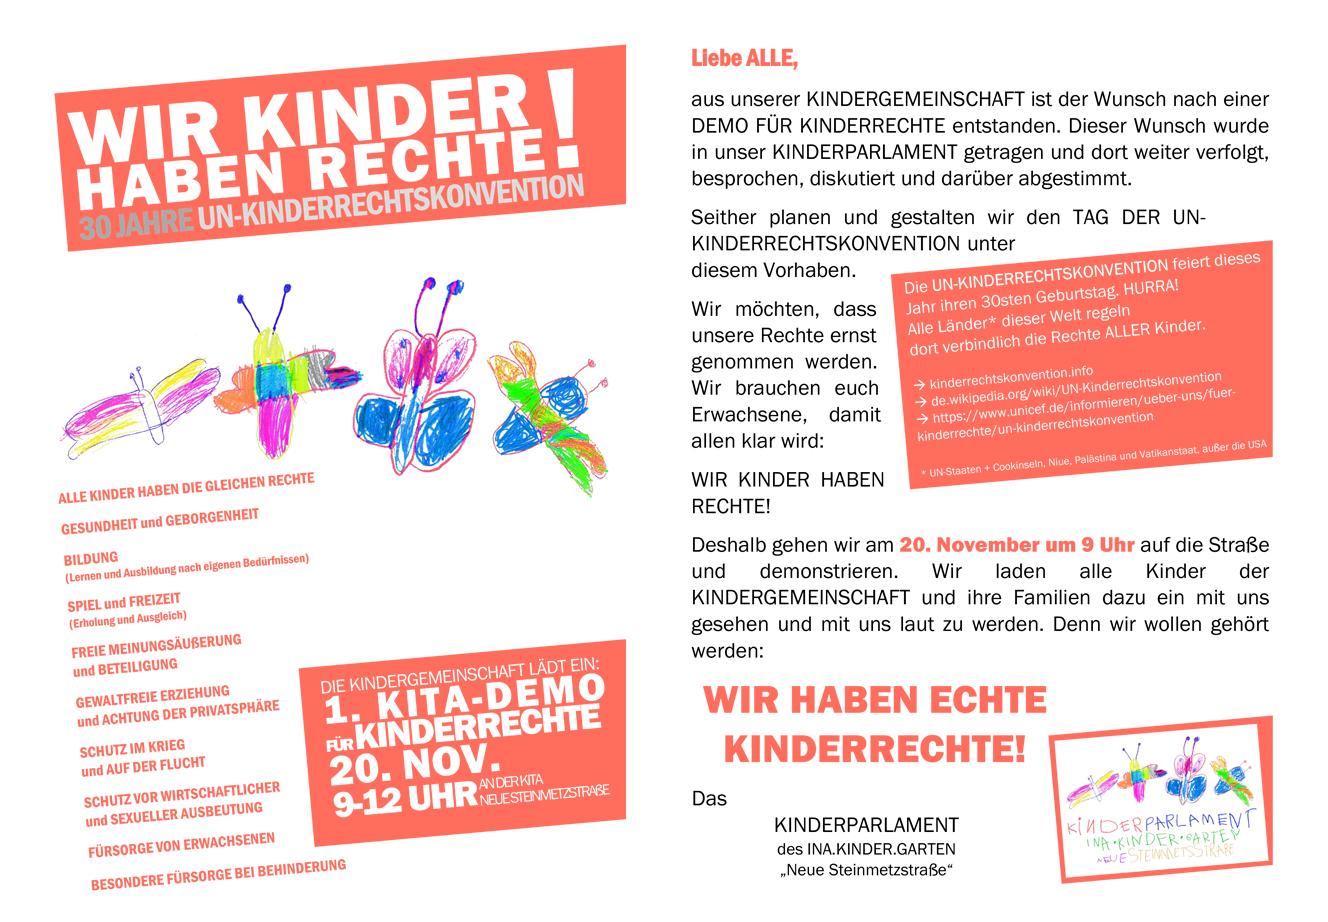 Kinderdemo am 20. November in der Neuen Steinmetzstraße